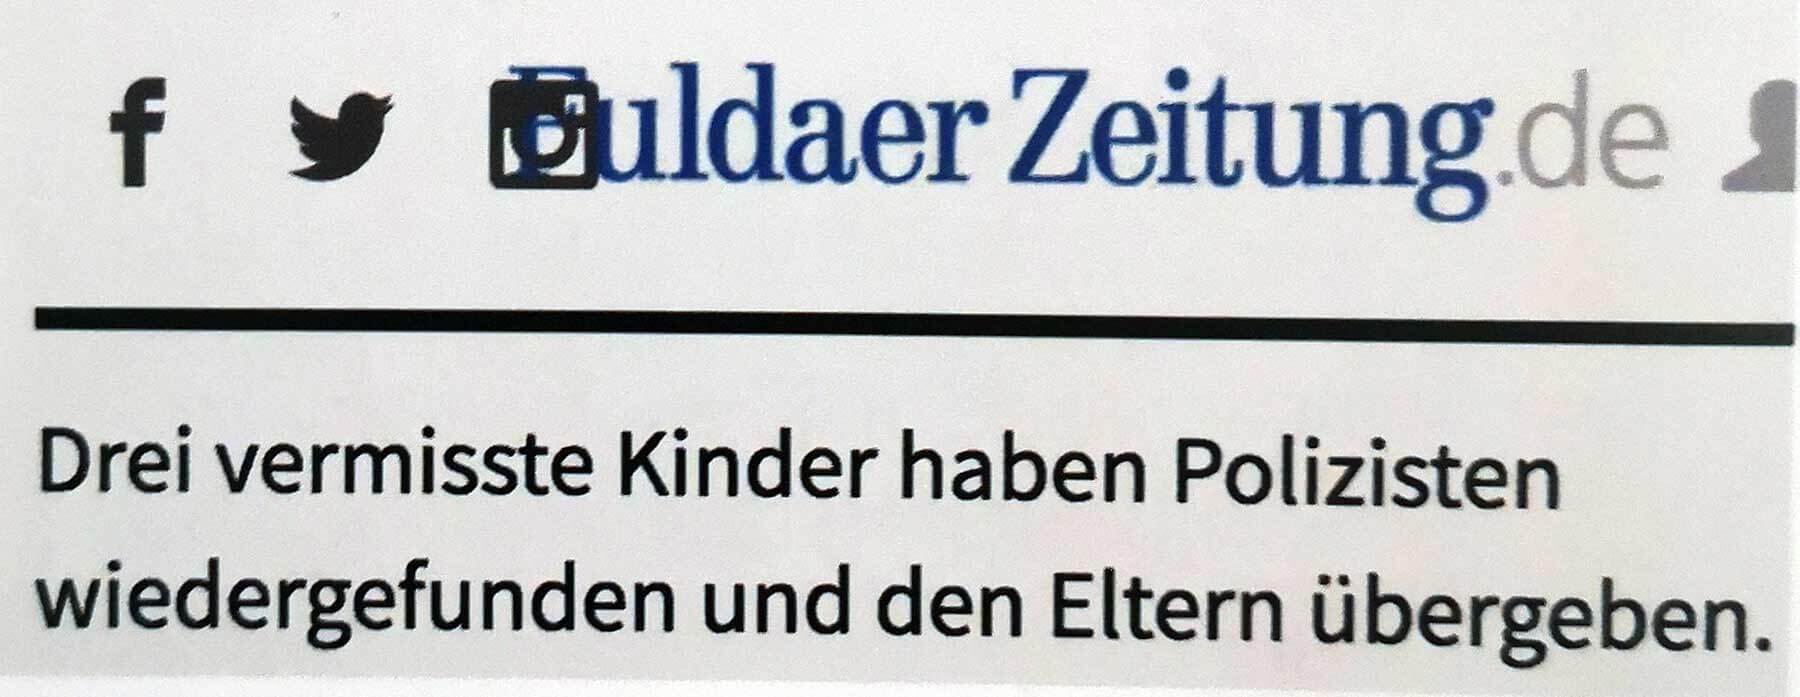 Bilderparade DXXXIX LangweileDich.net_Bilderparade_DXXXIX_95